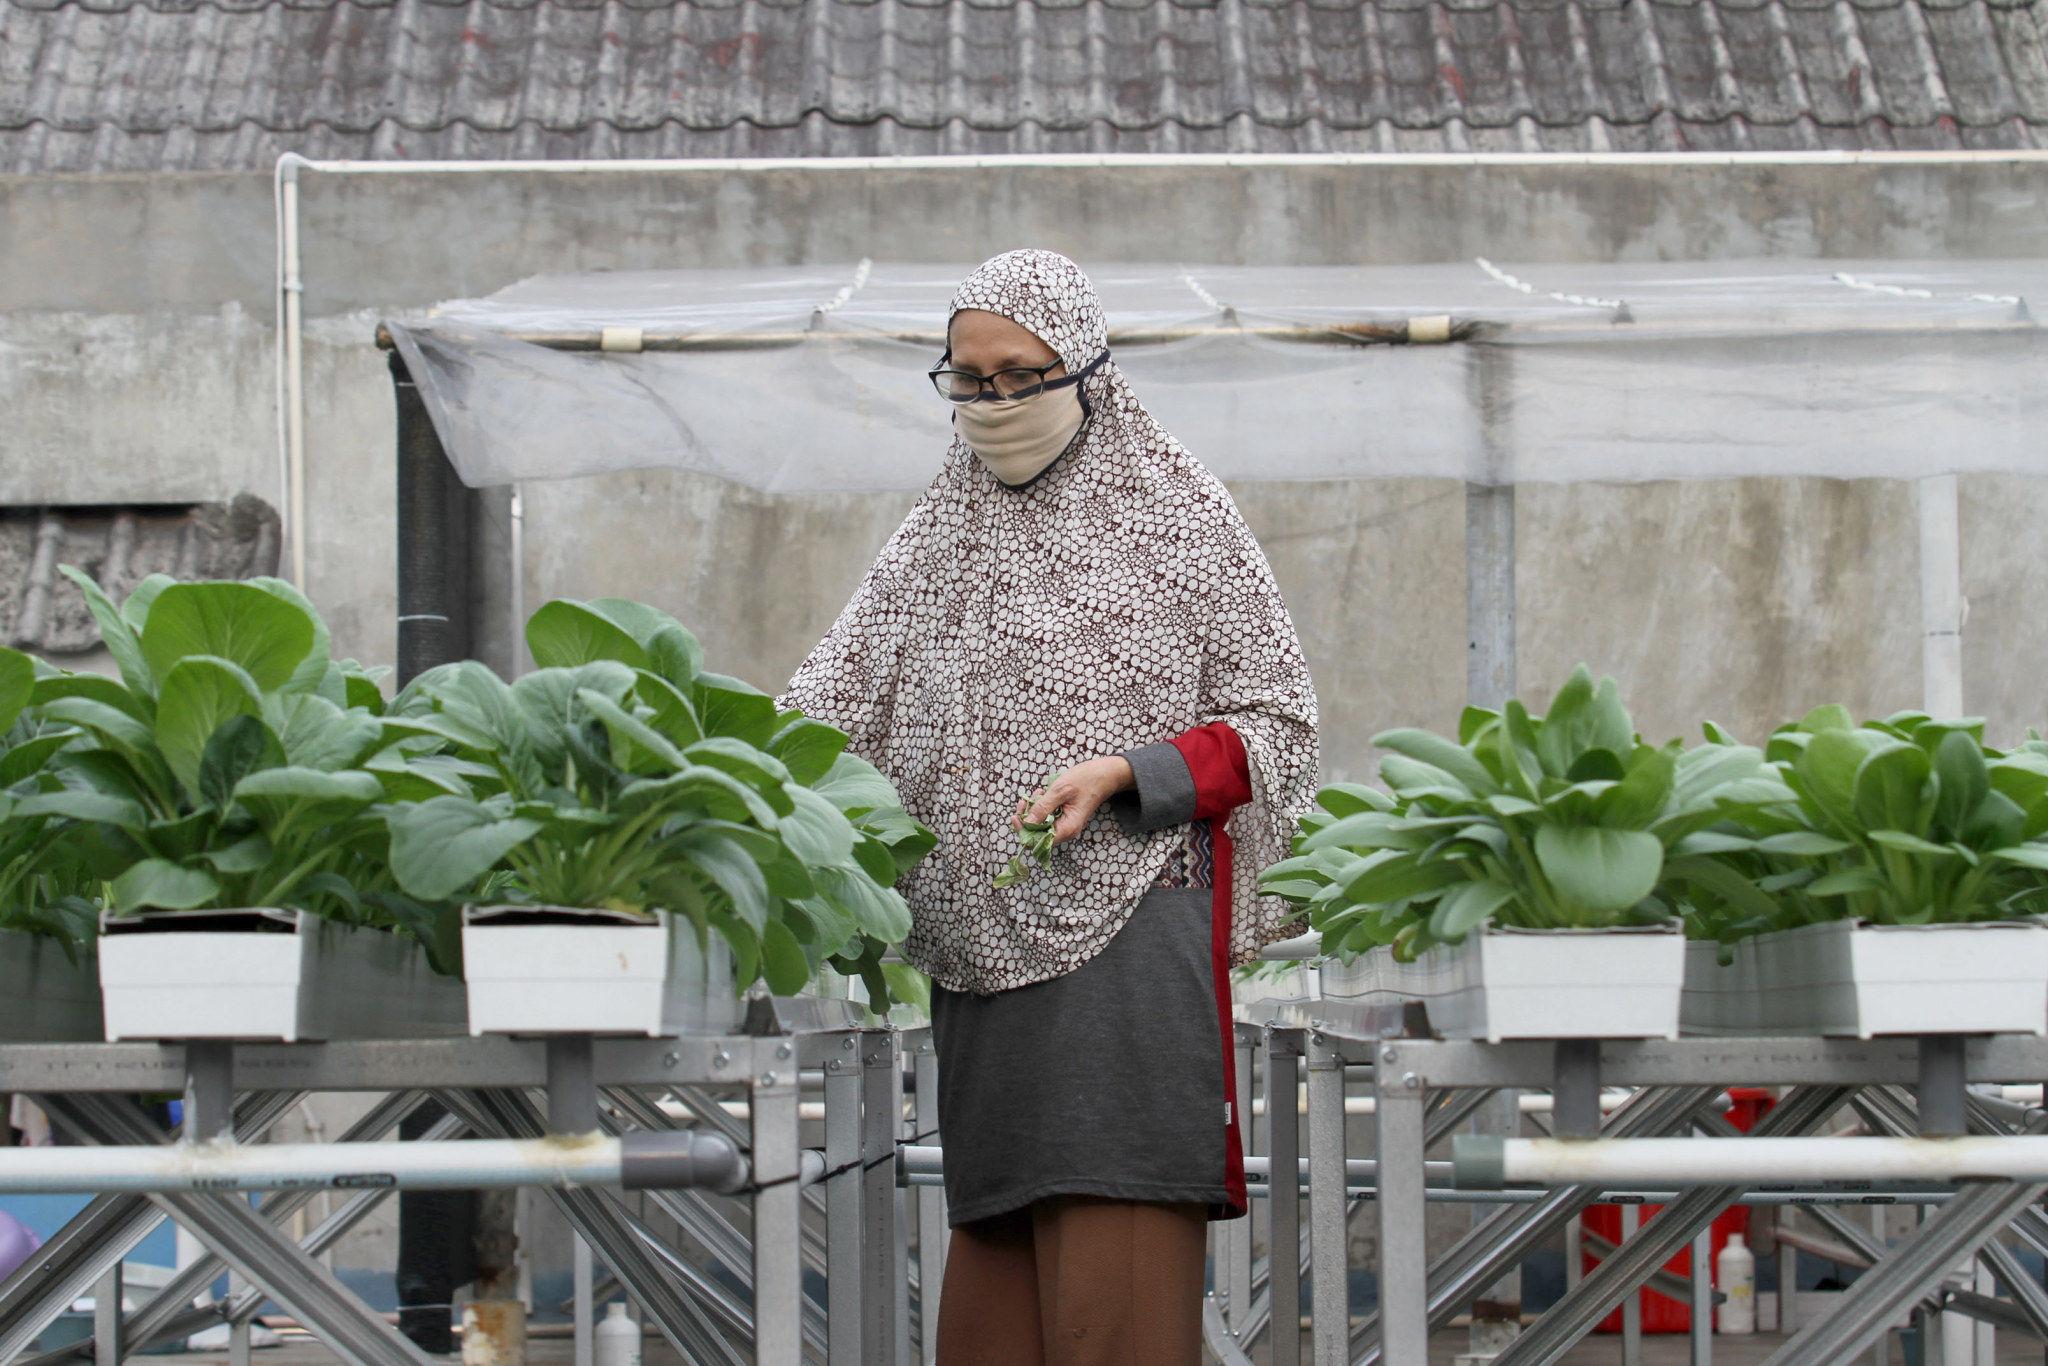 Berkebun Ramah Lingkungan A La Demfarm.id di Rumah